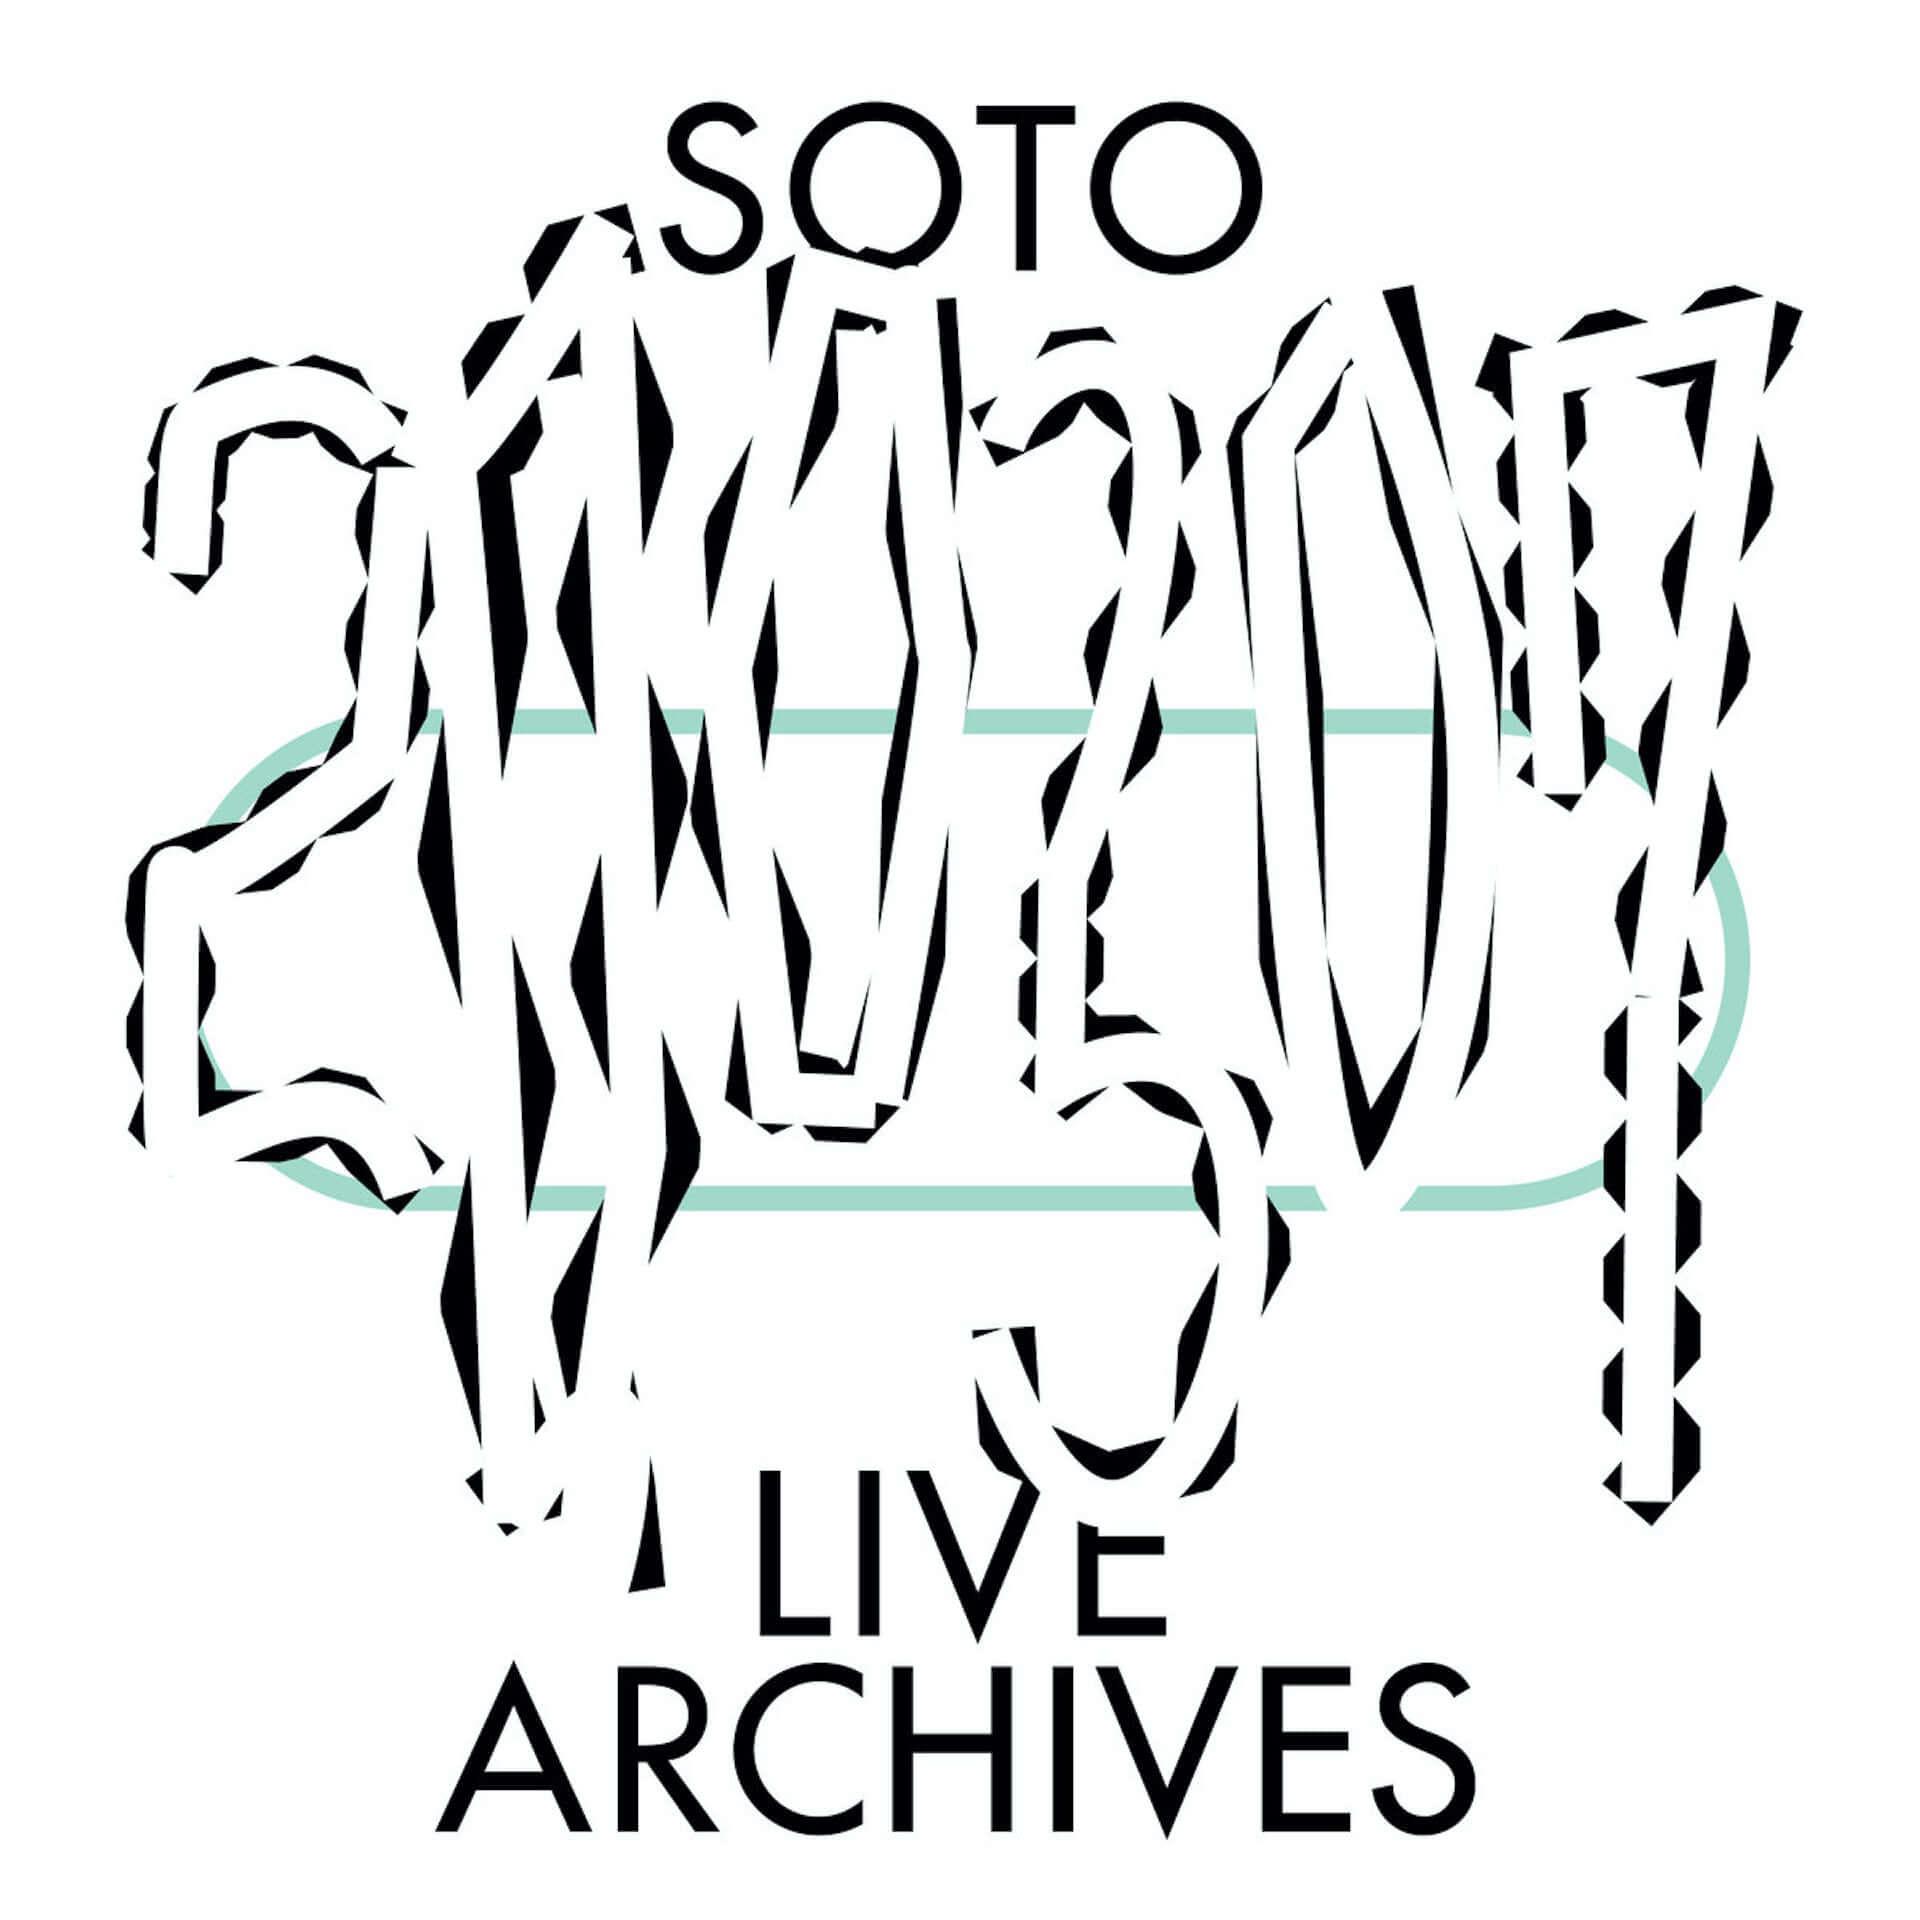 京都「外」がKazumichi Komatsu、荒木優光、湿った犬のライブ音源をリリース!売り上げは活動資金へ music200706_soto-kyoto_6-1920x1920